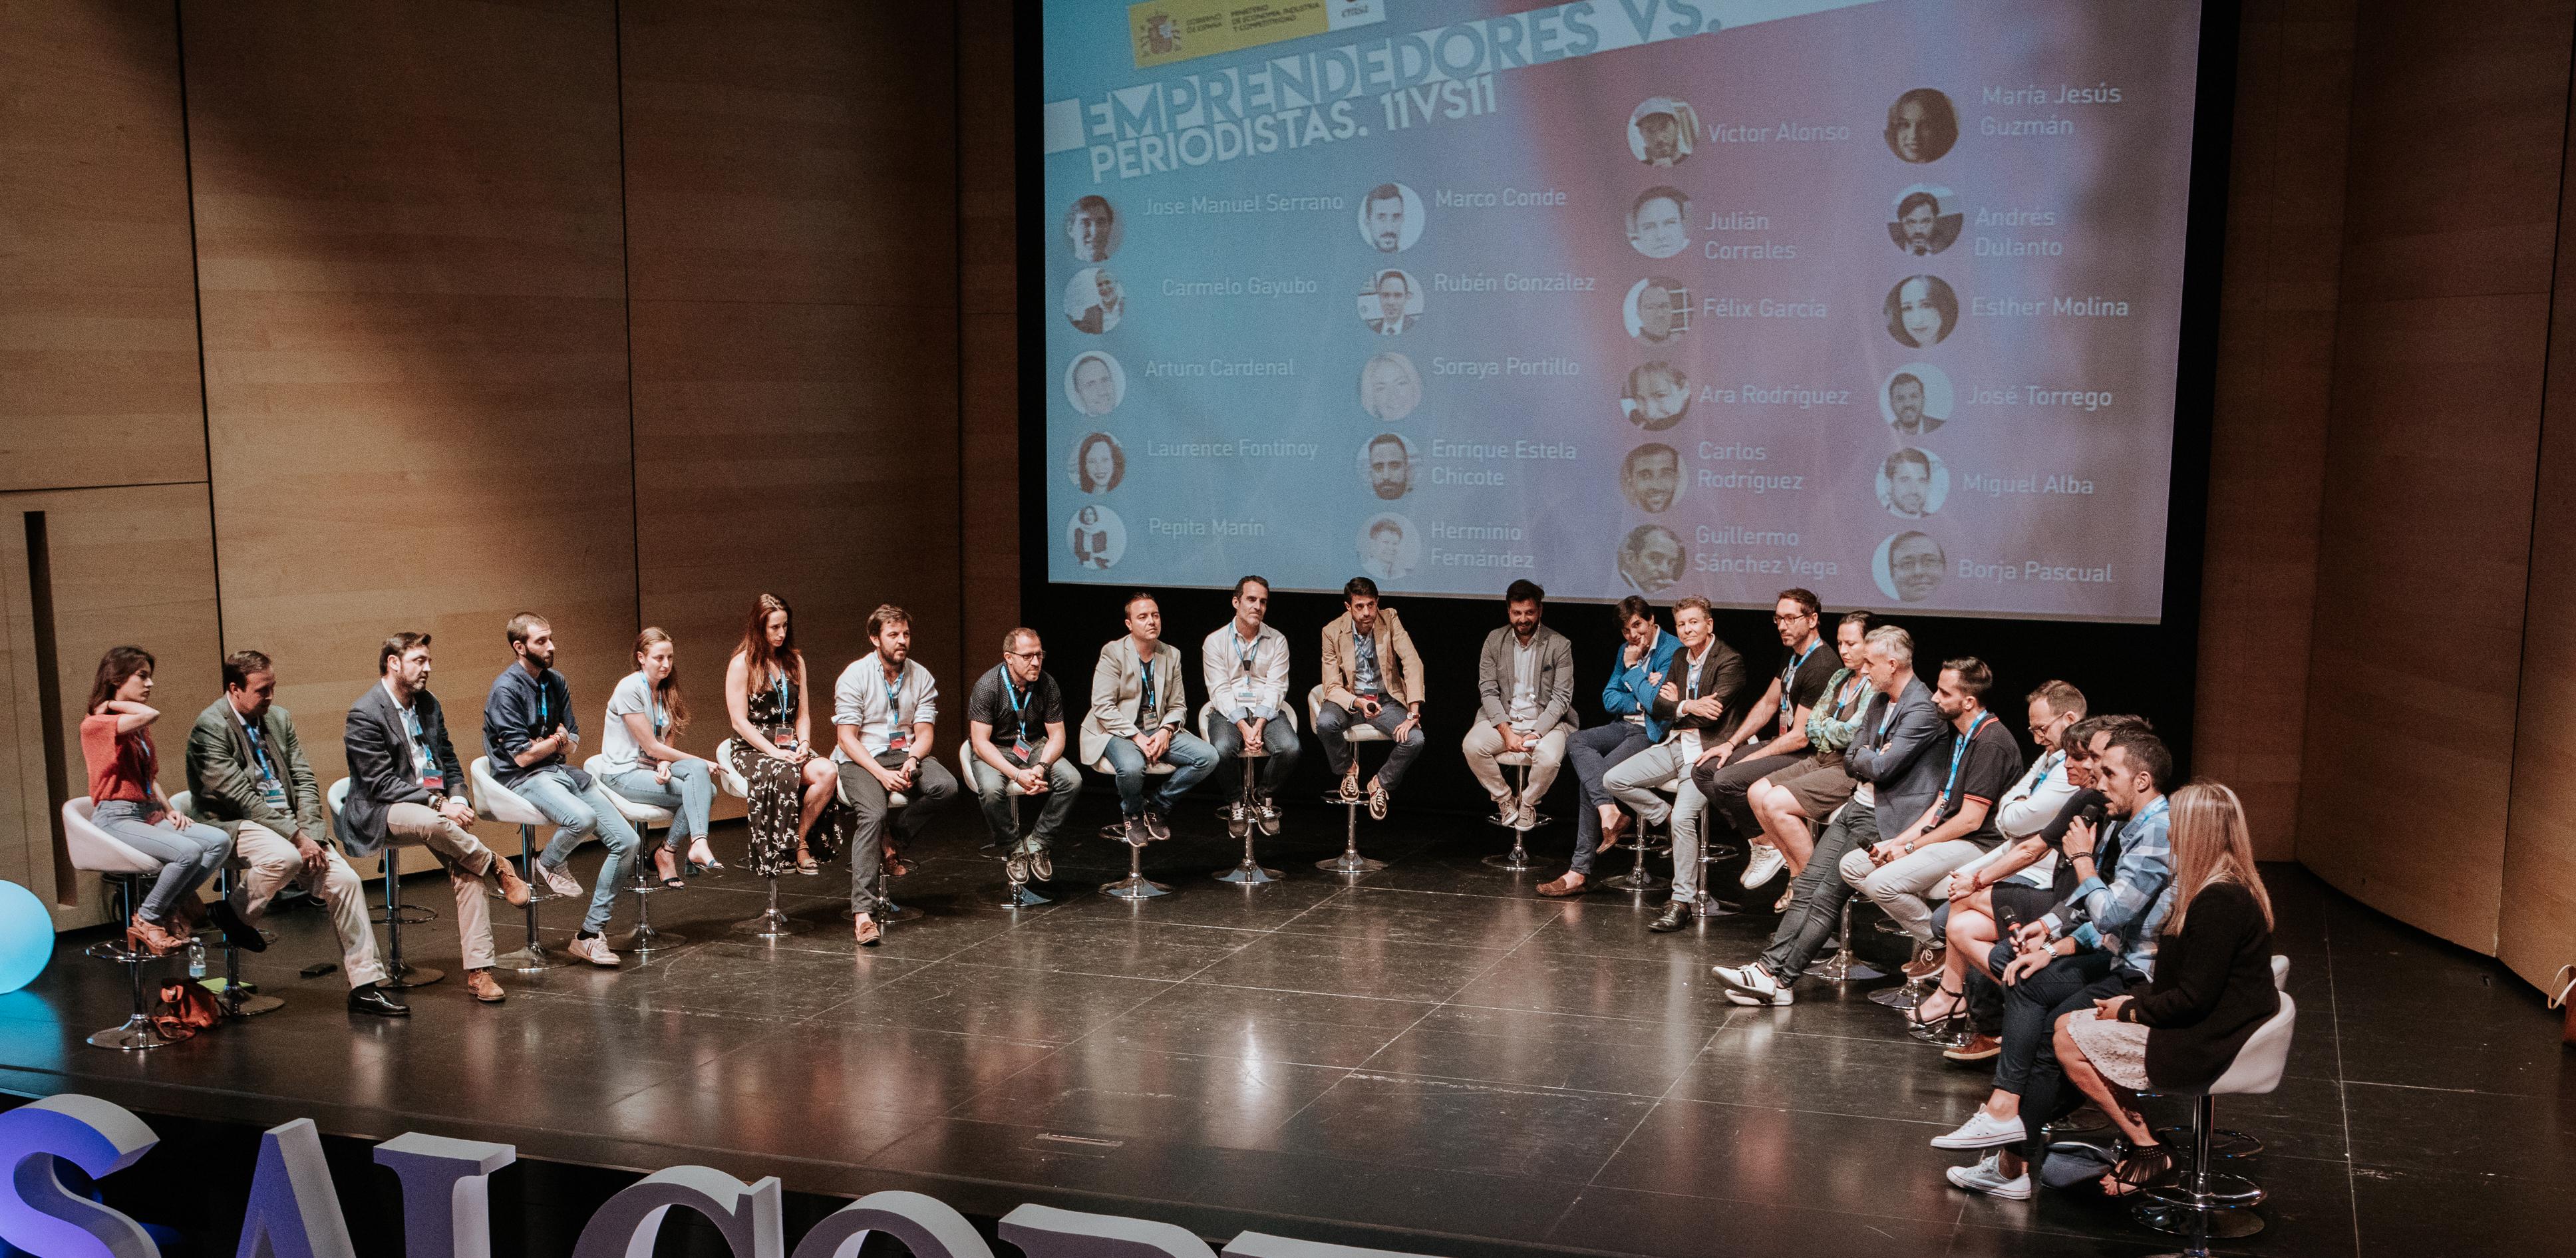 MediaStartups se internacionaliza: el 26 de marzo llega a Lima y el 4 de abril se celebra en Bogotá